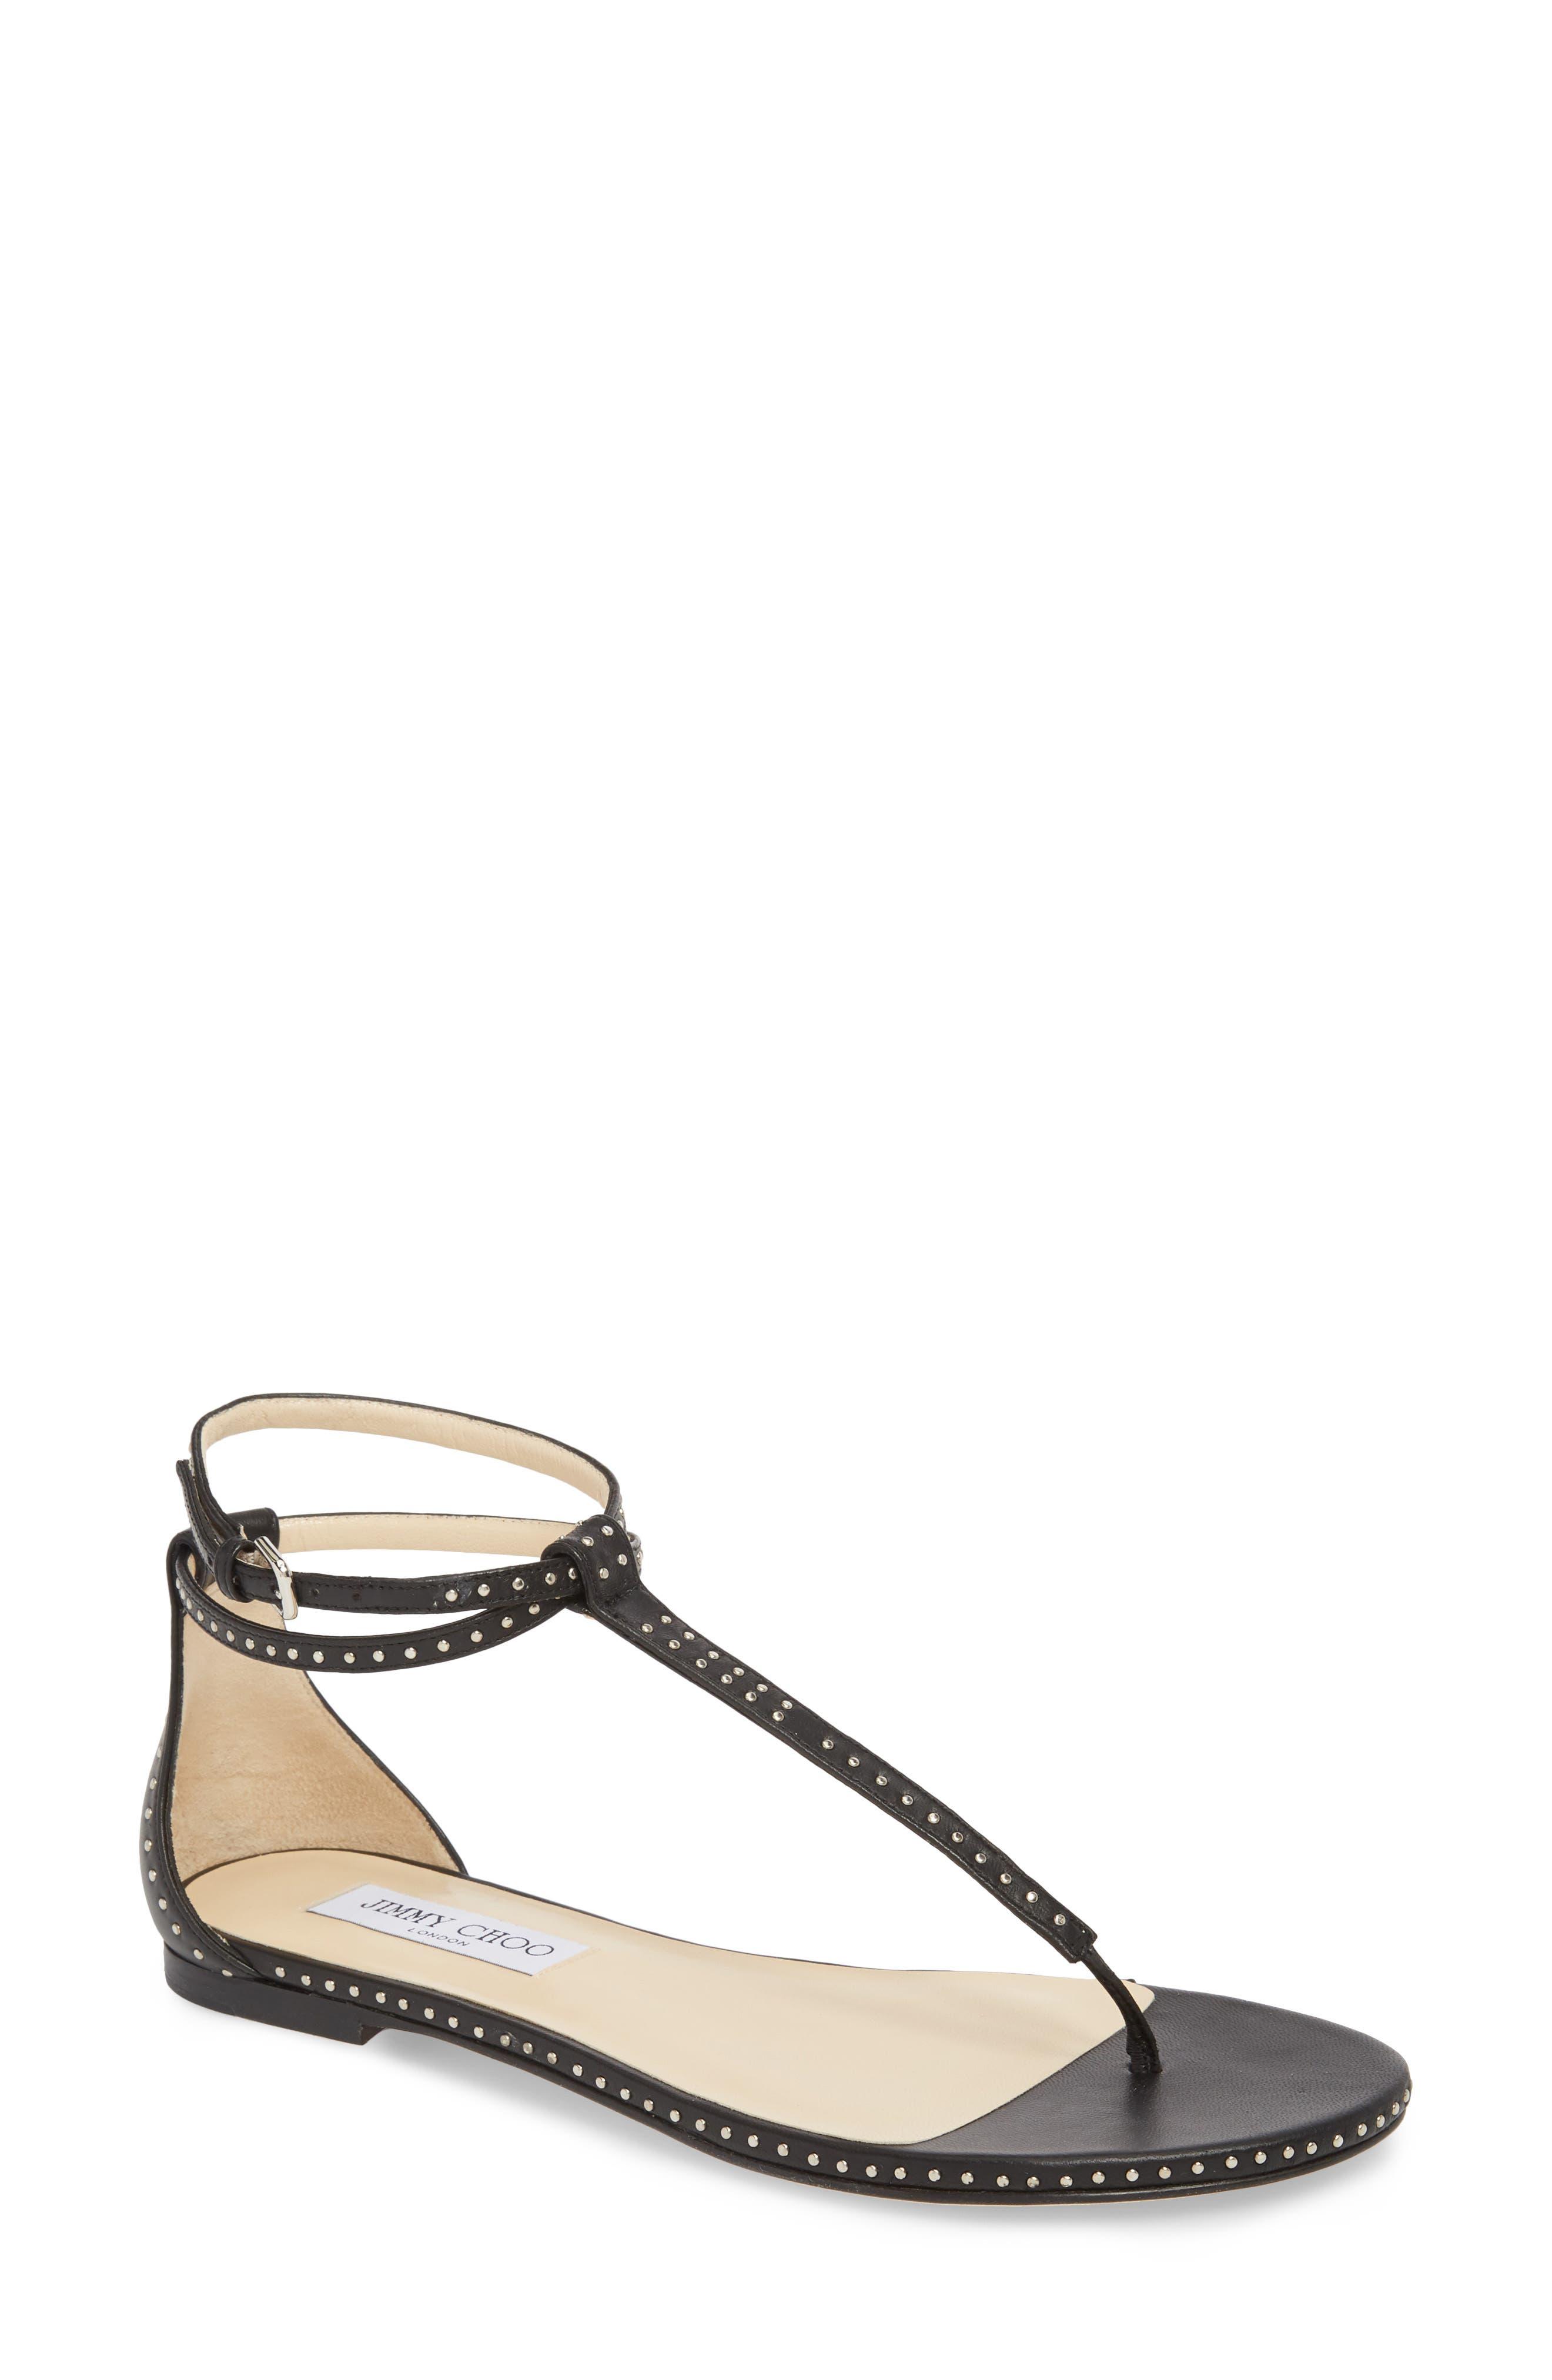 Afia crystal-embellished leather sandals Jimmy Choo London m5d58V